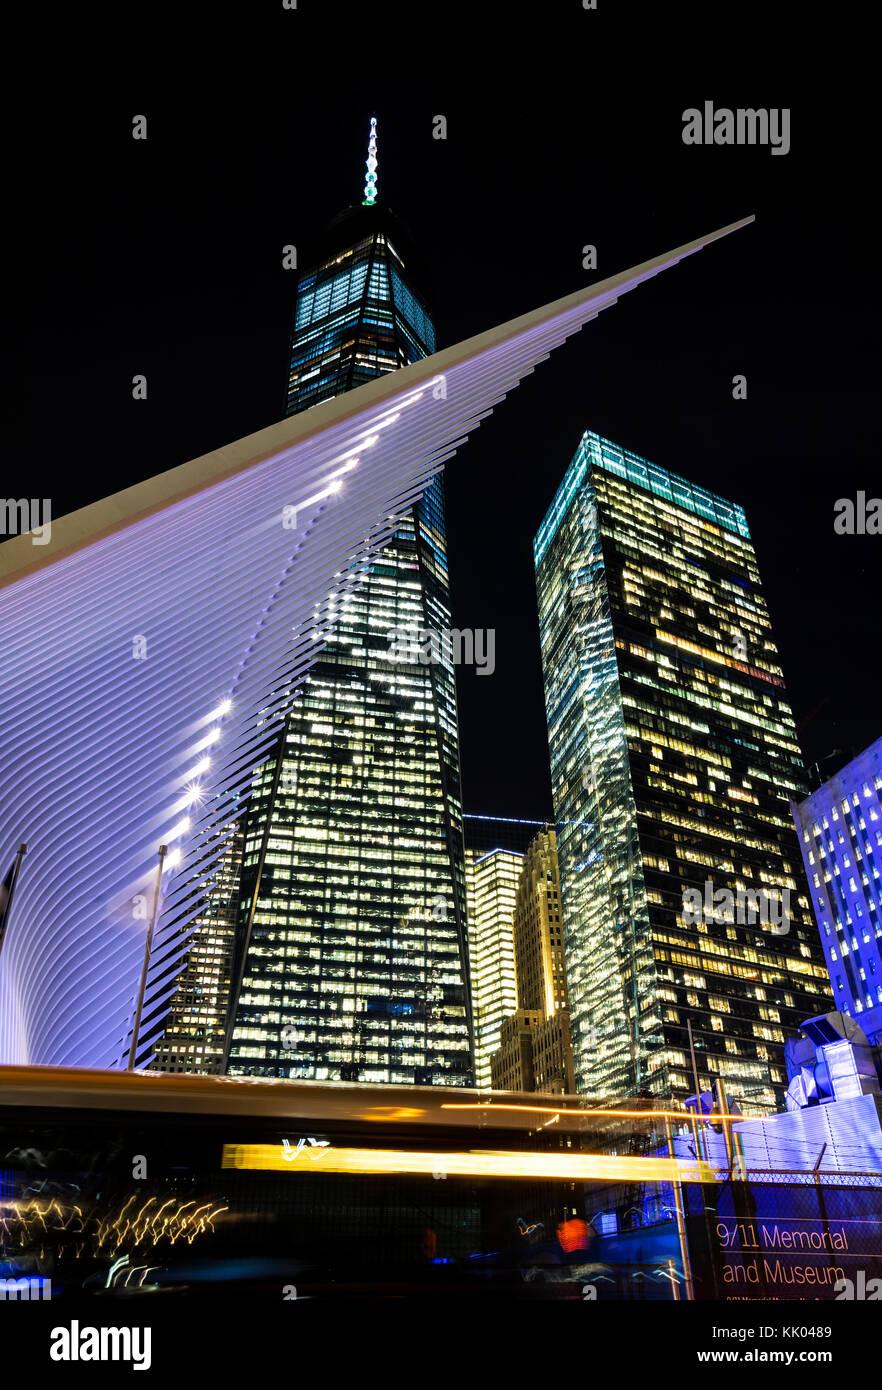 El World Trade Centre de Transportación por Santiago Calatrava y la construcción de un centro de comercio Imagen De Stock